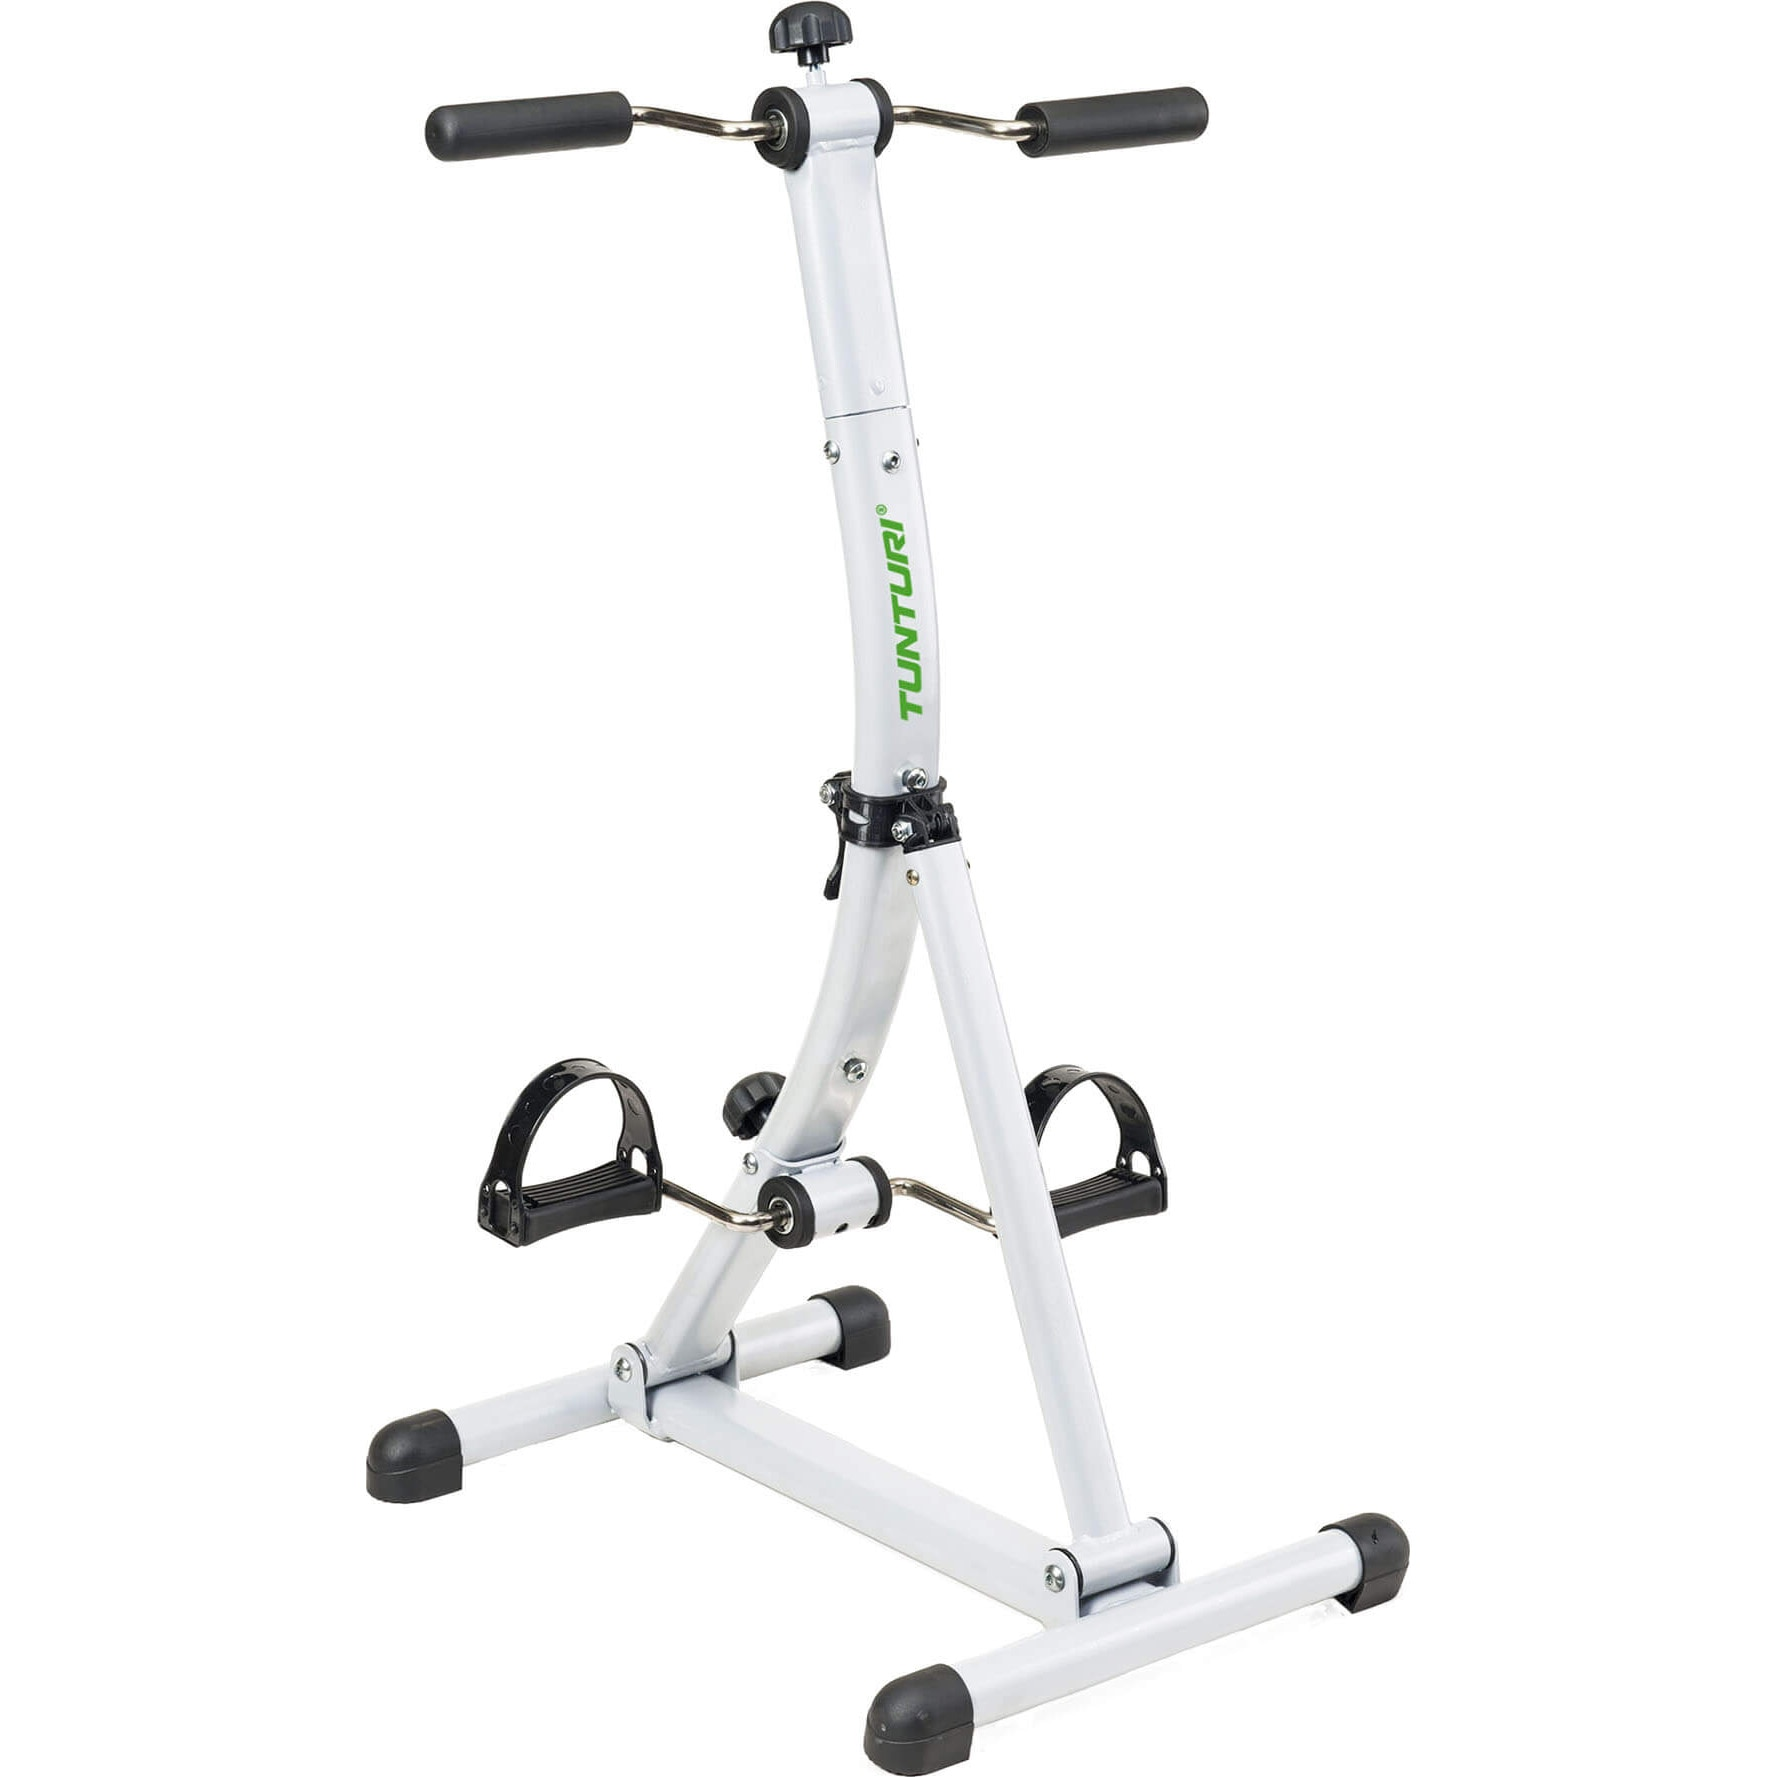 Fotografie Bicicleta seniori Tunturi Dual Trainer, alb